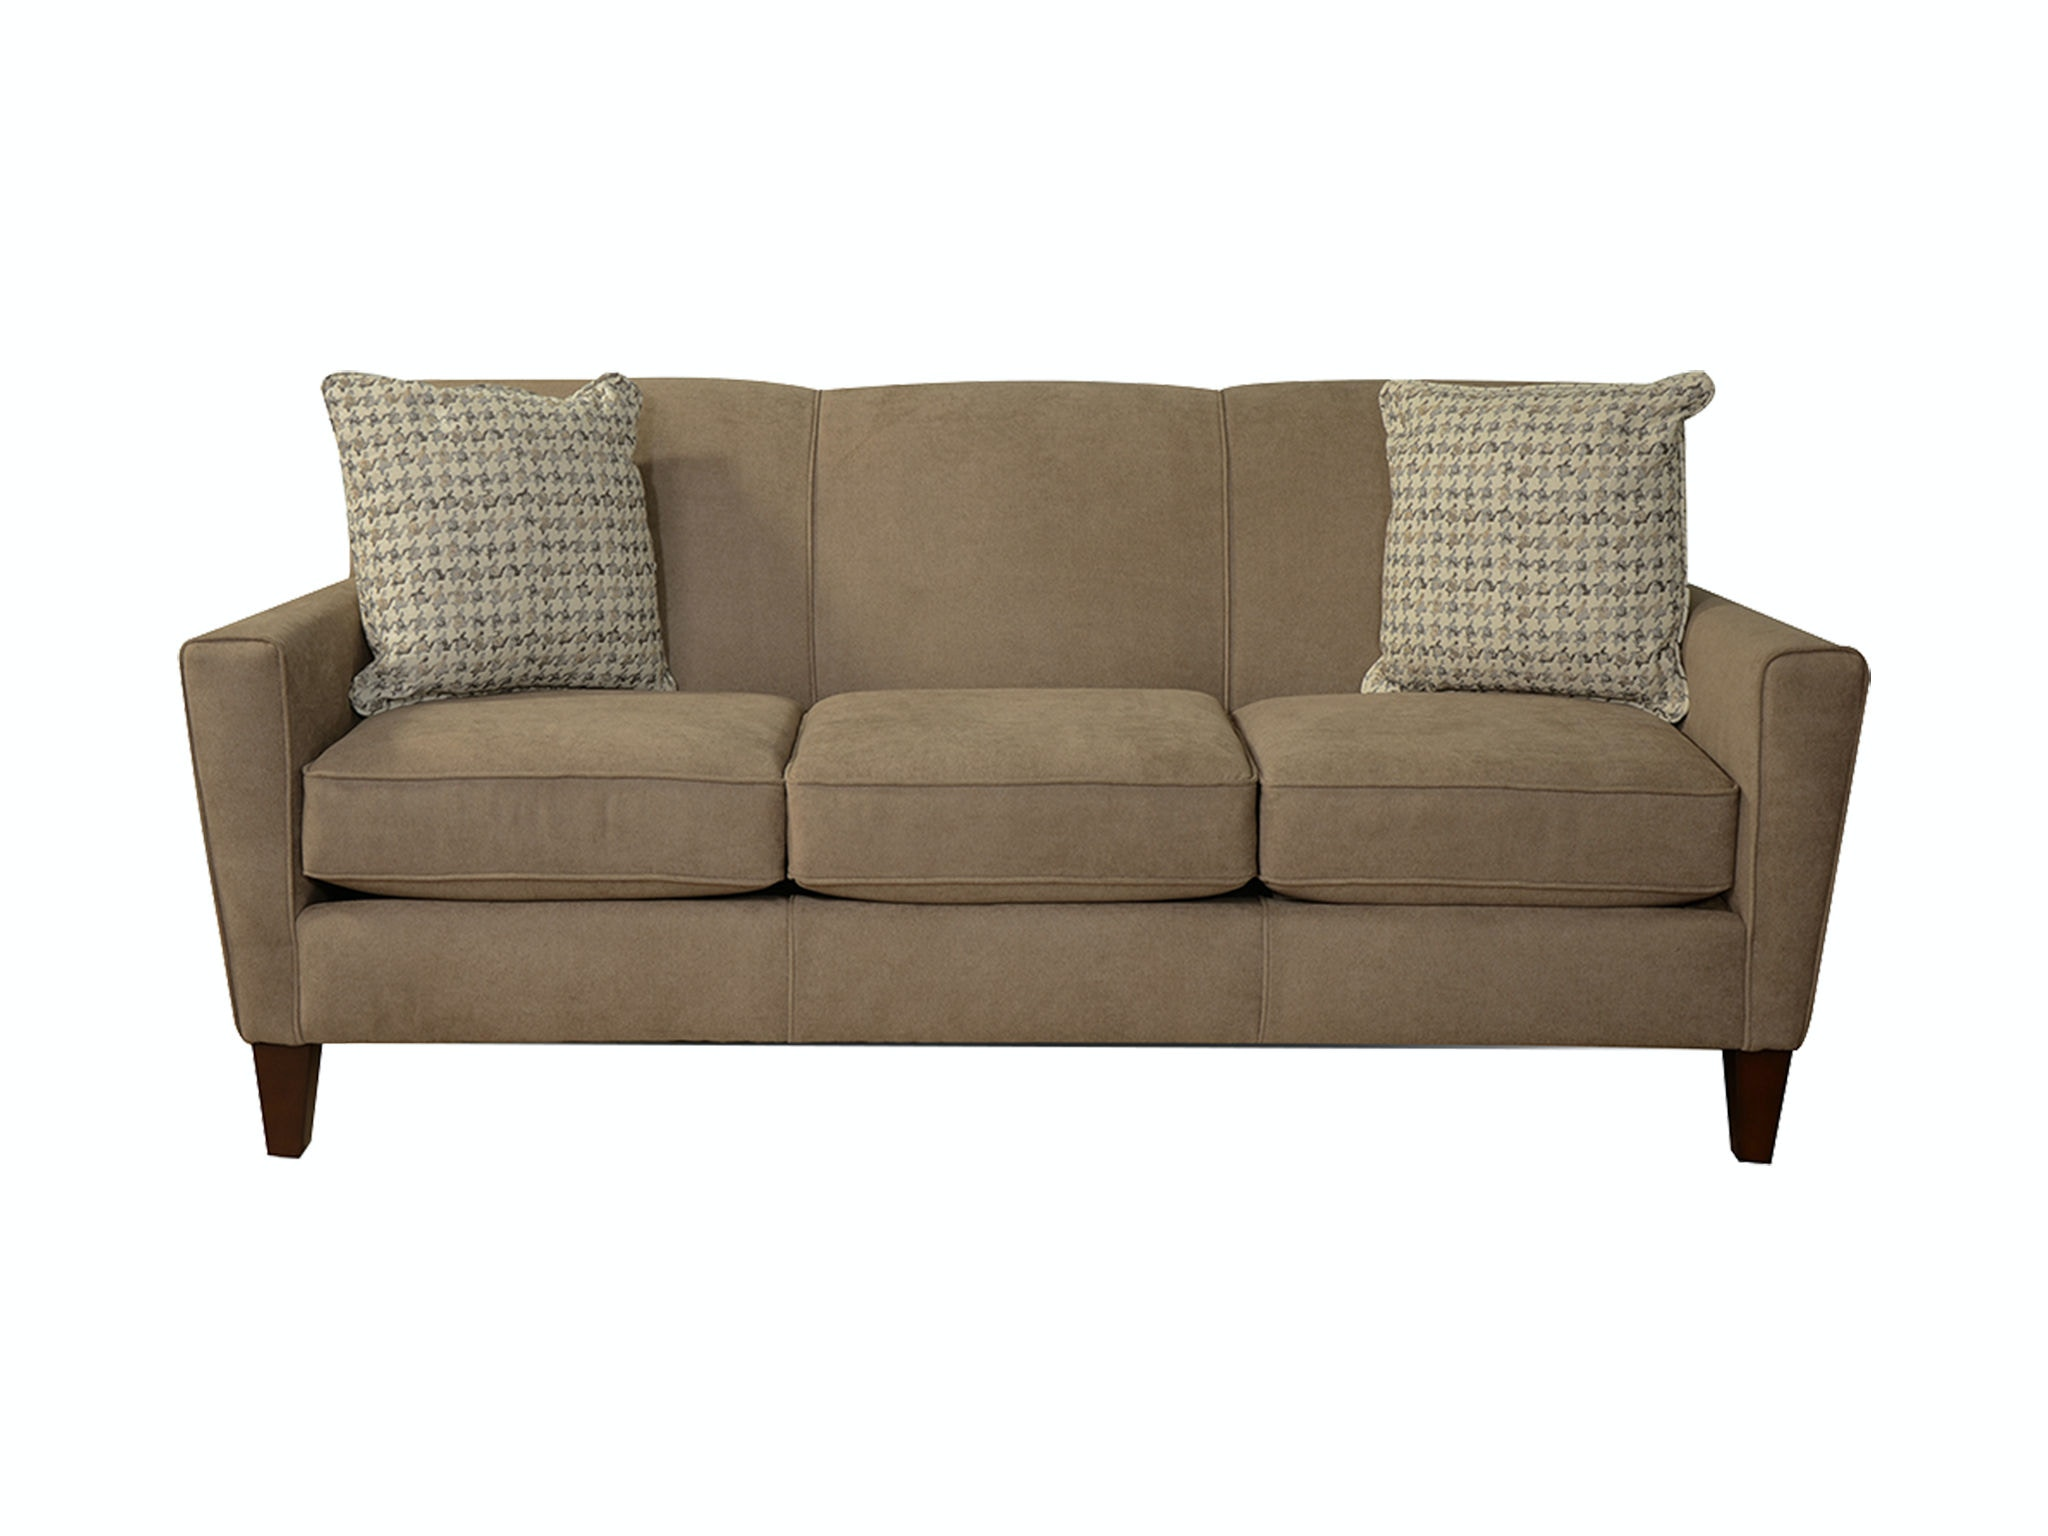 england living room collegedale sofa 6205 england furniture new rh englandfurniture com england furniture sofa cost england furniture sofa chaise